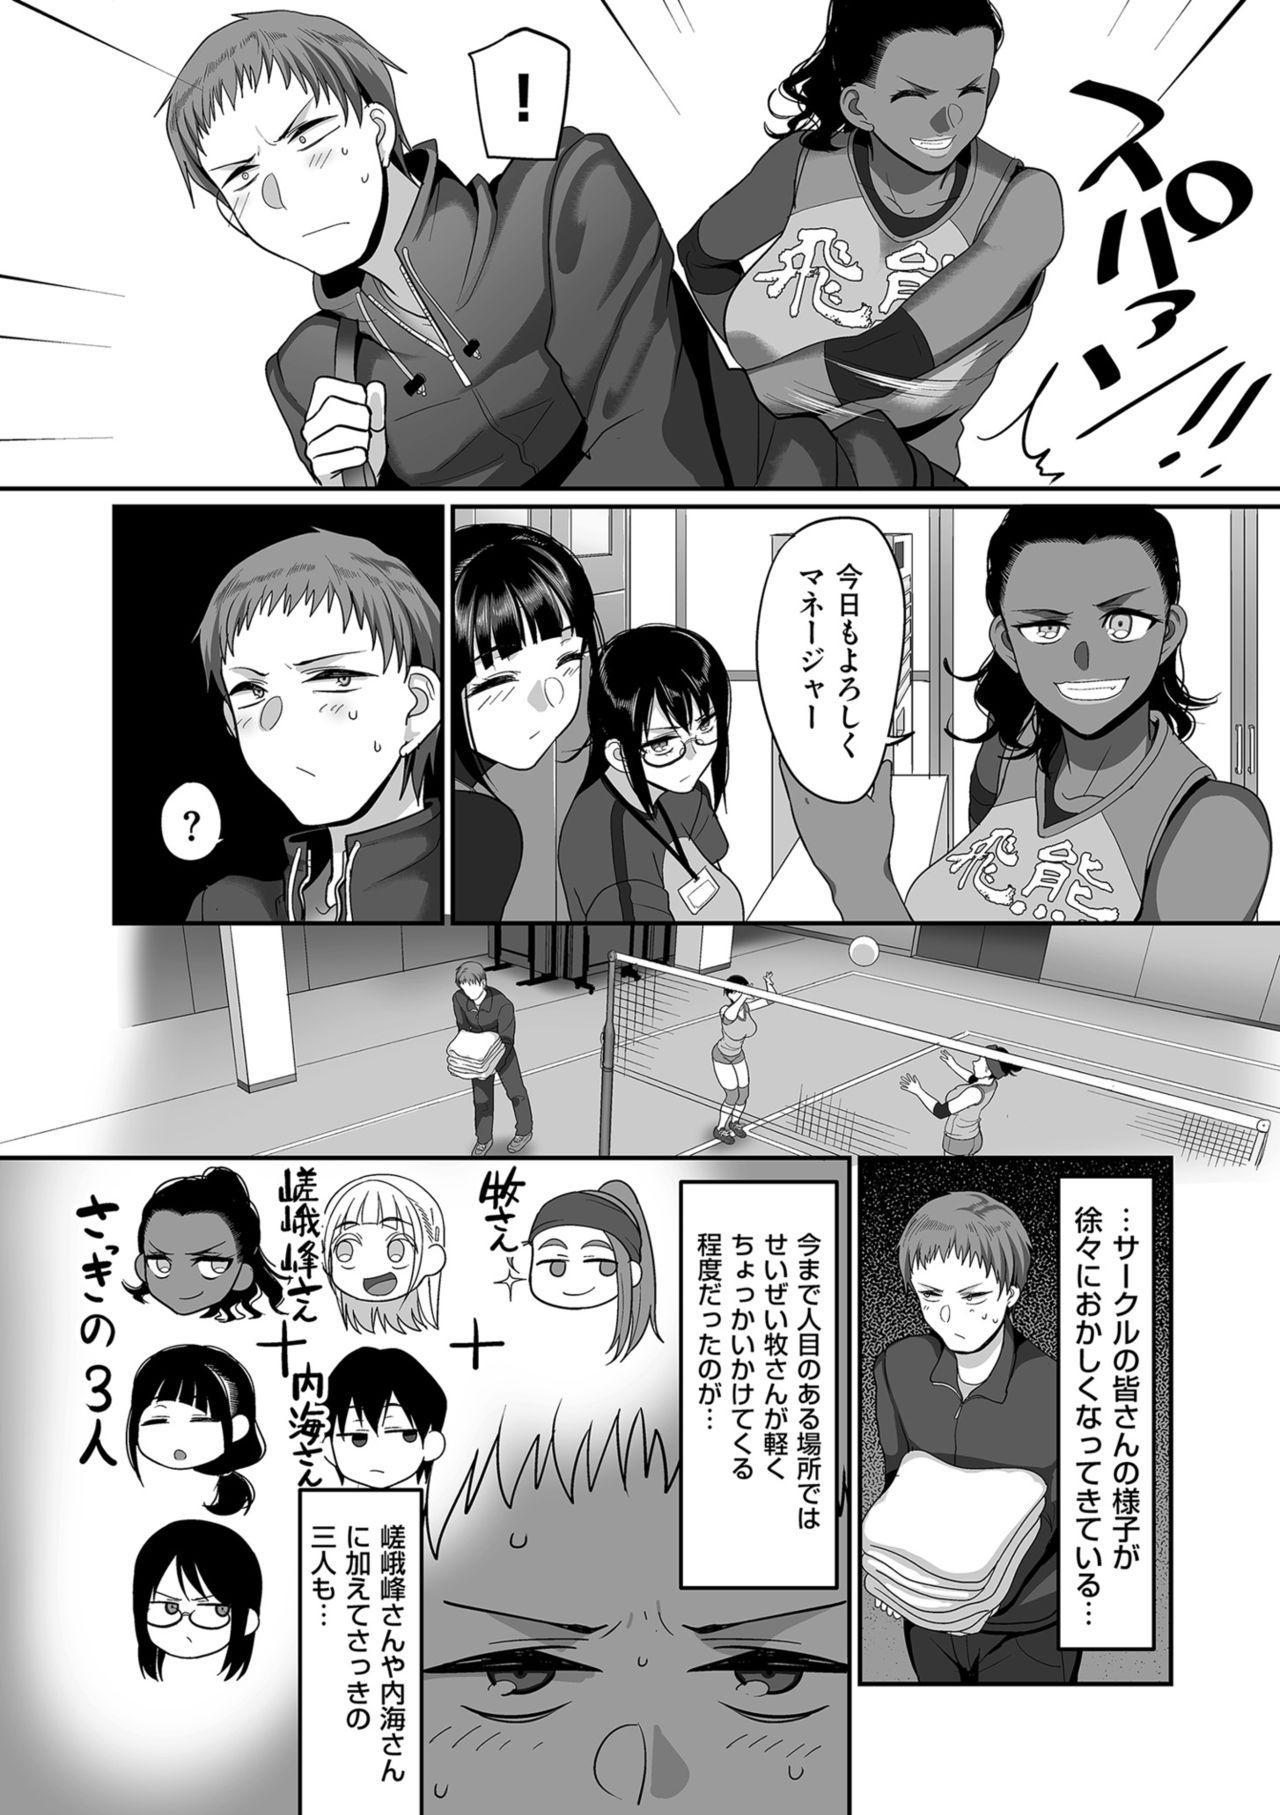 [Yamamoto Zenzen] S-ken K-shi Shakaijin Joshi Volleyball Circle no Jijou [Digital] 137